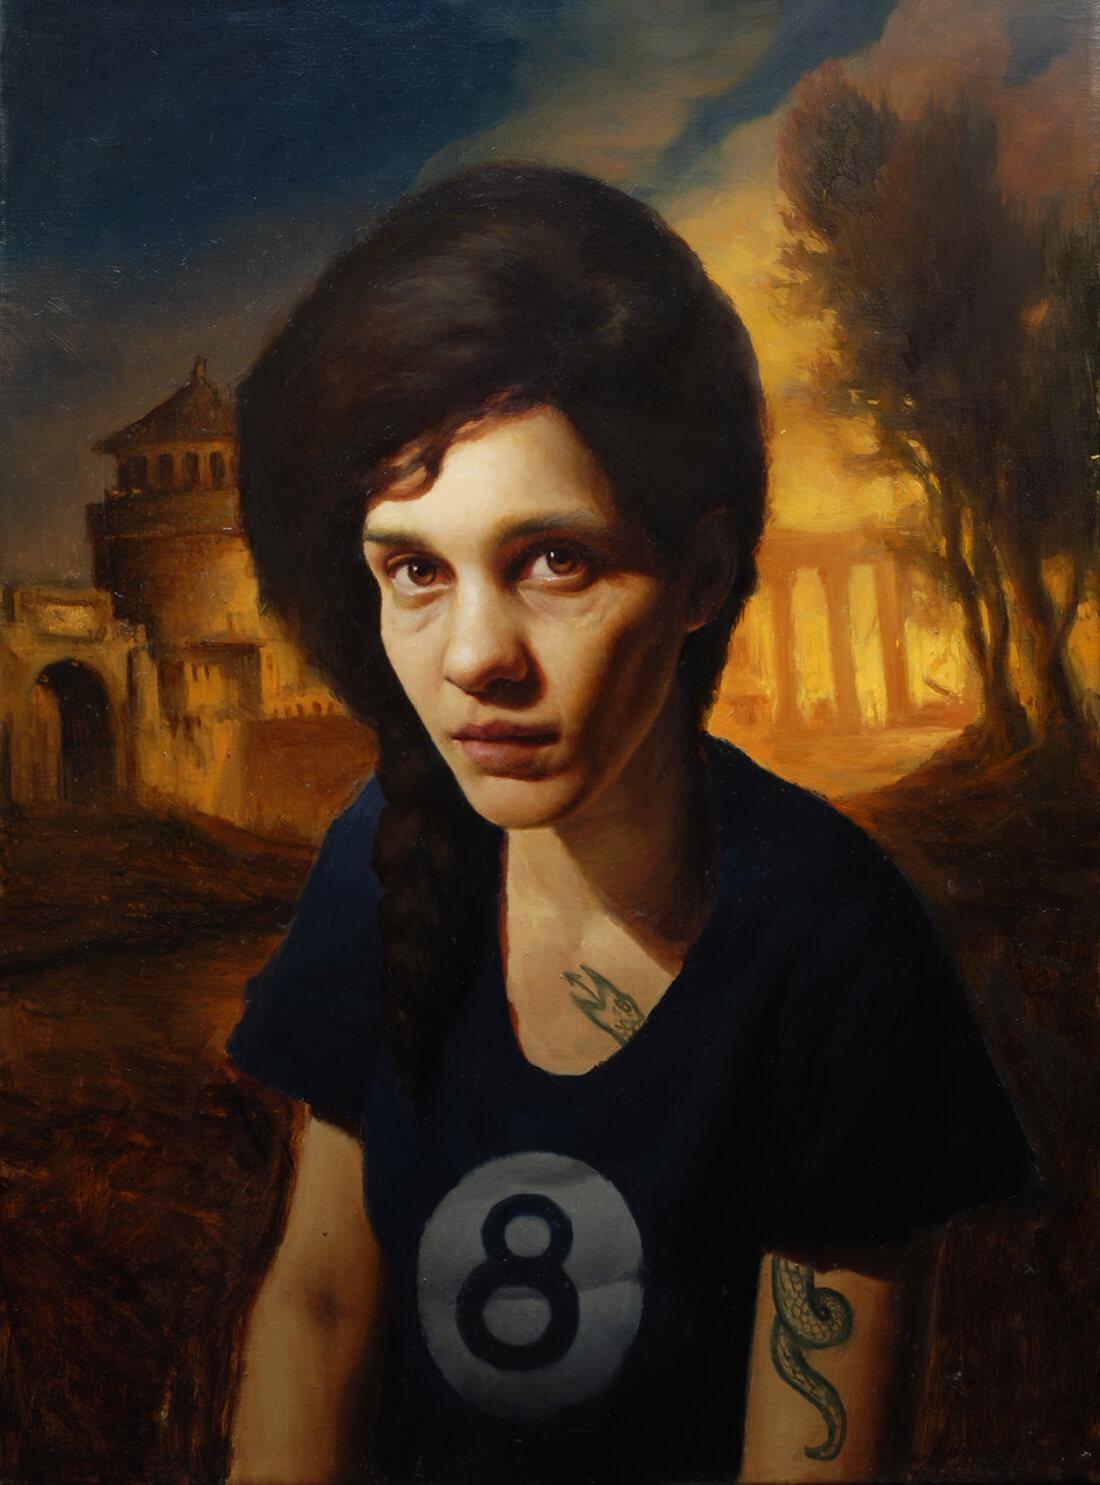 Pintura Retrato en Óleo. Diego Catalán. Estudio Nigredo - Academia de Pintura y Dibujo